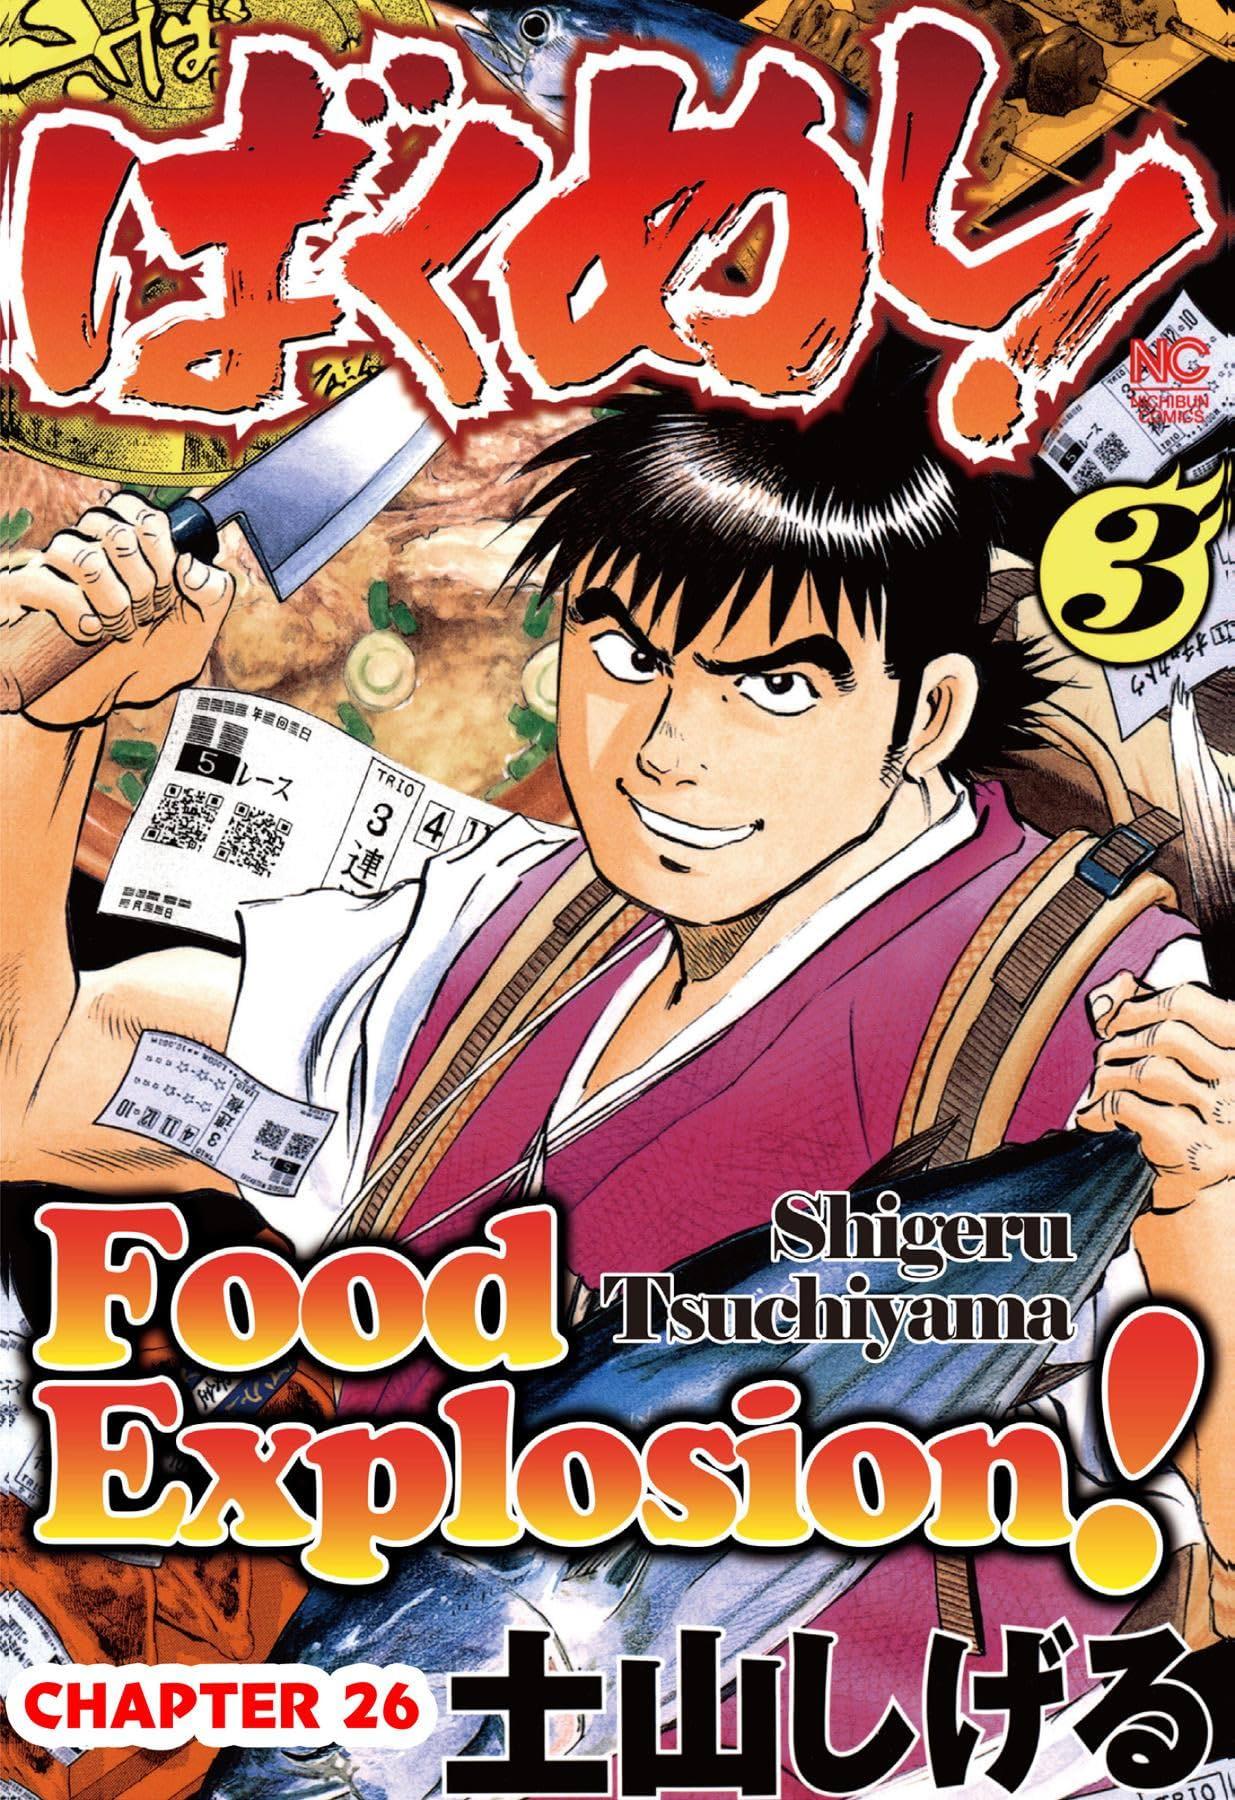 FOOD EXPLOSION #26